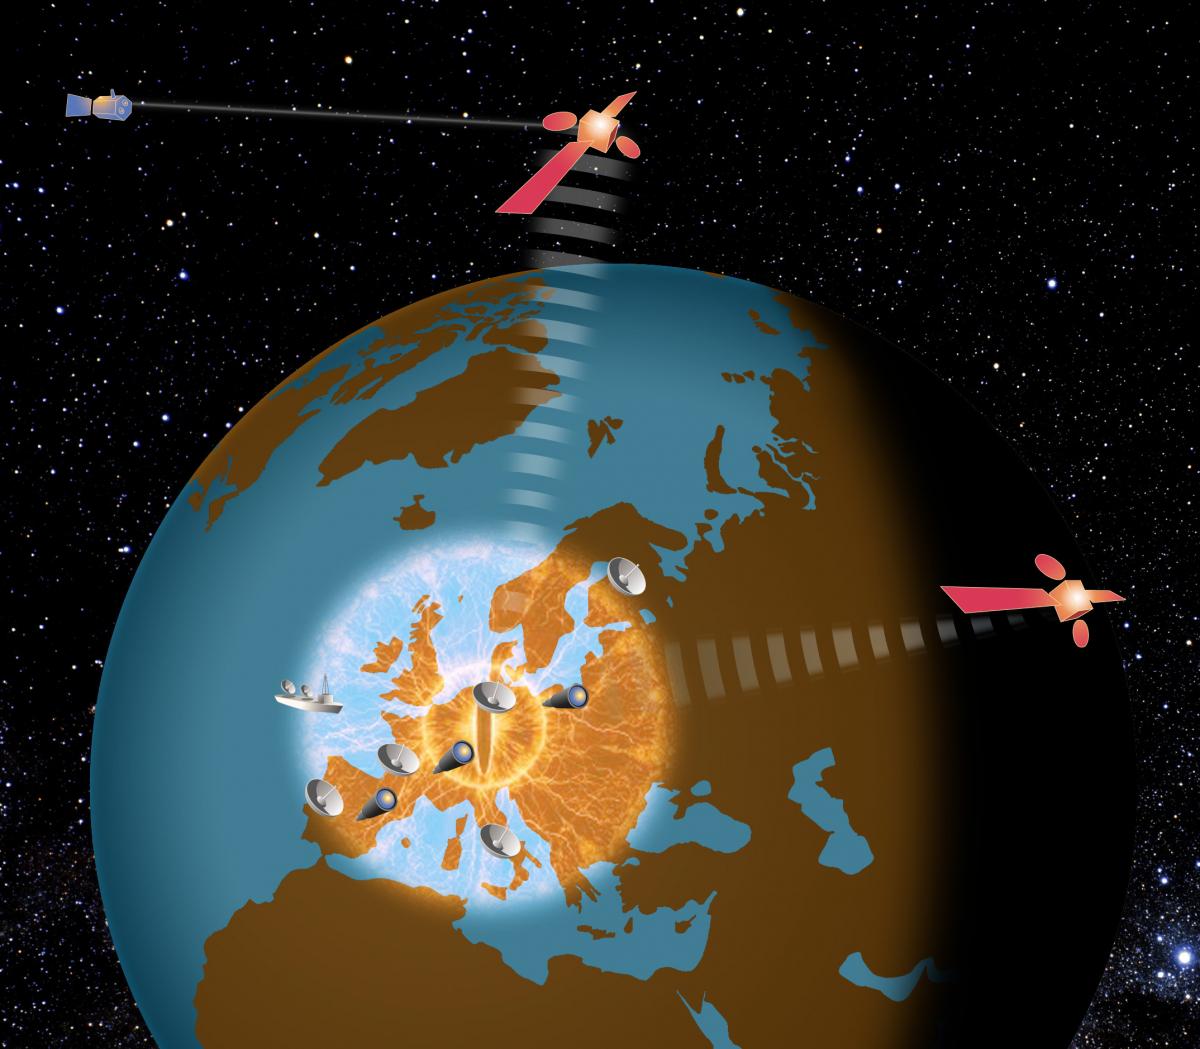 Trois projets communautaires pour la surveillance de l'espace et l'alerte avancée